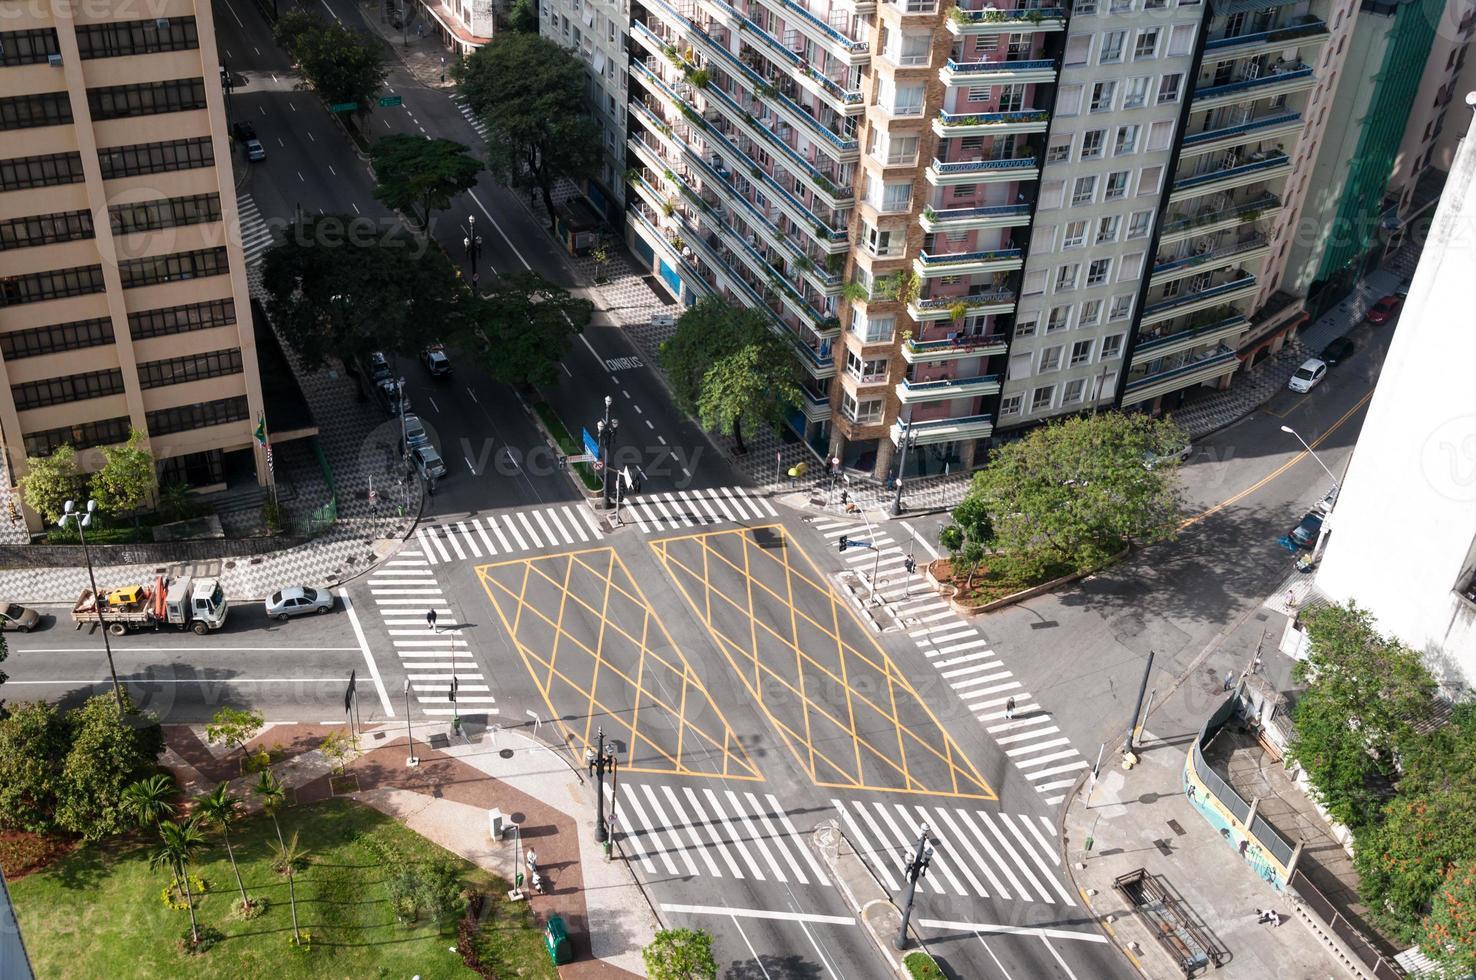 Straßen in Sao Paulo überqueren foto